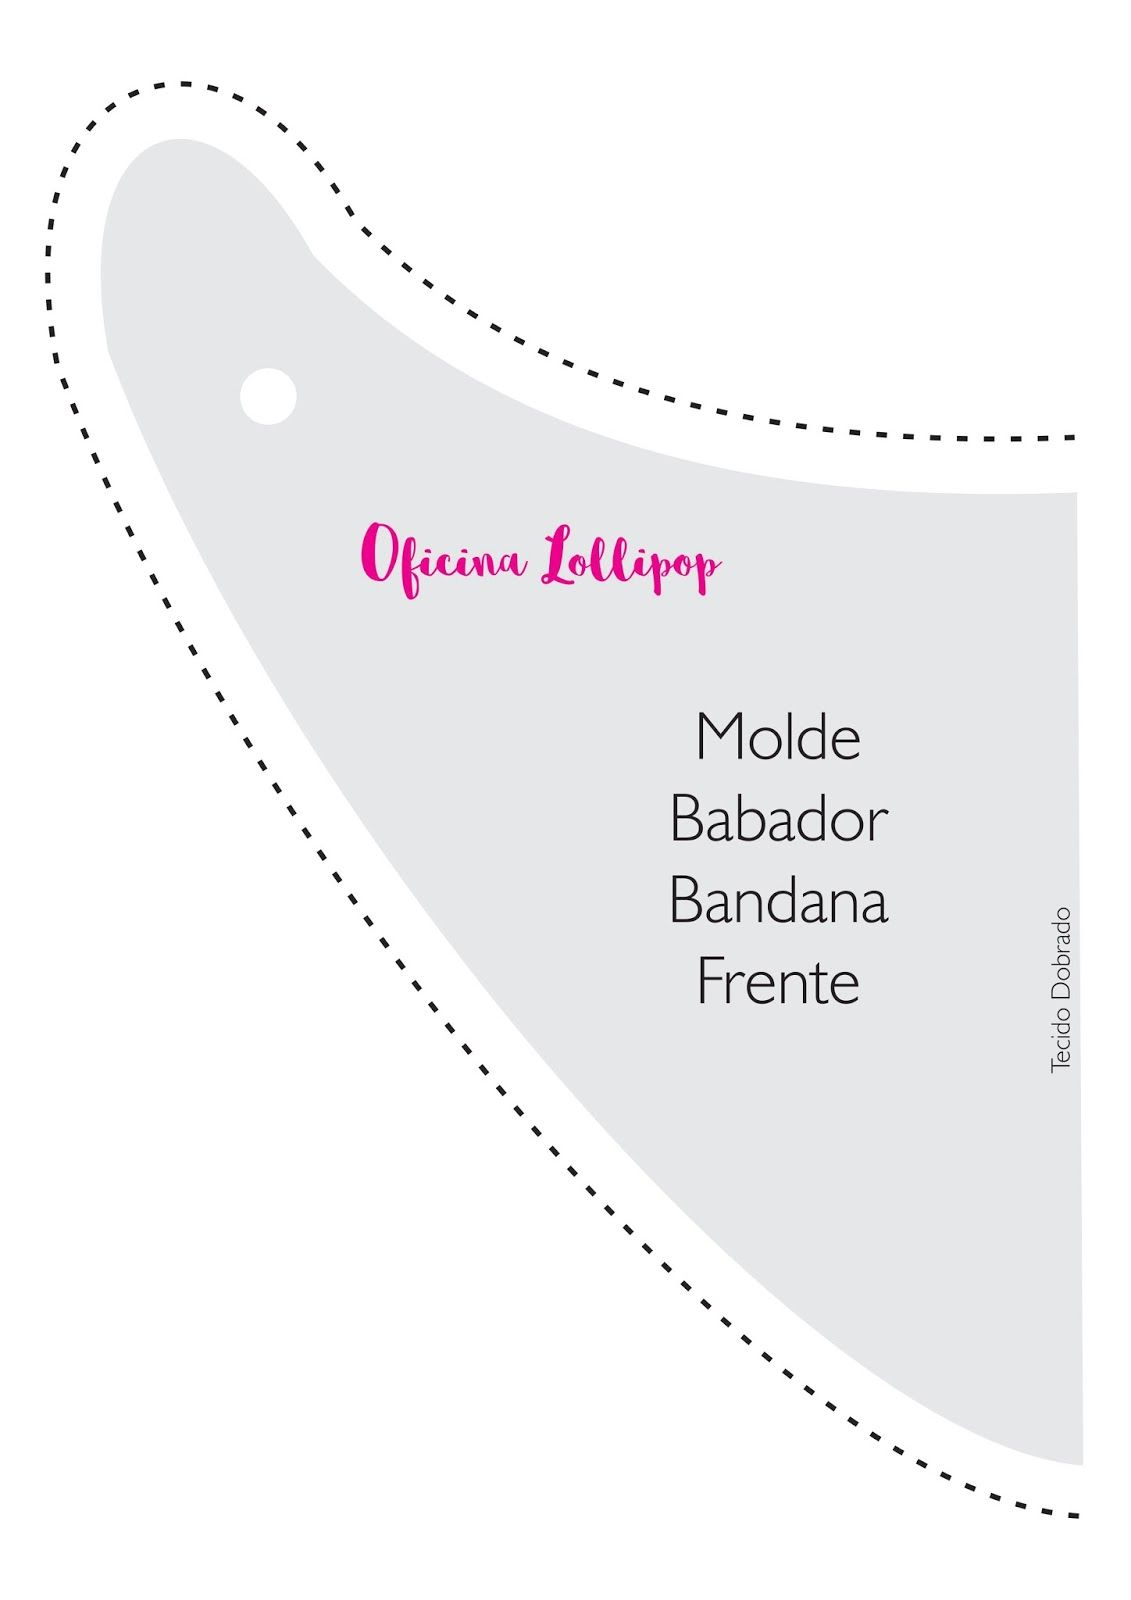 Pin de perla hortencia en bebe | Pinterest | Costura, Moldes y Bordado